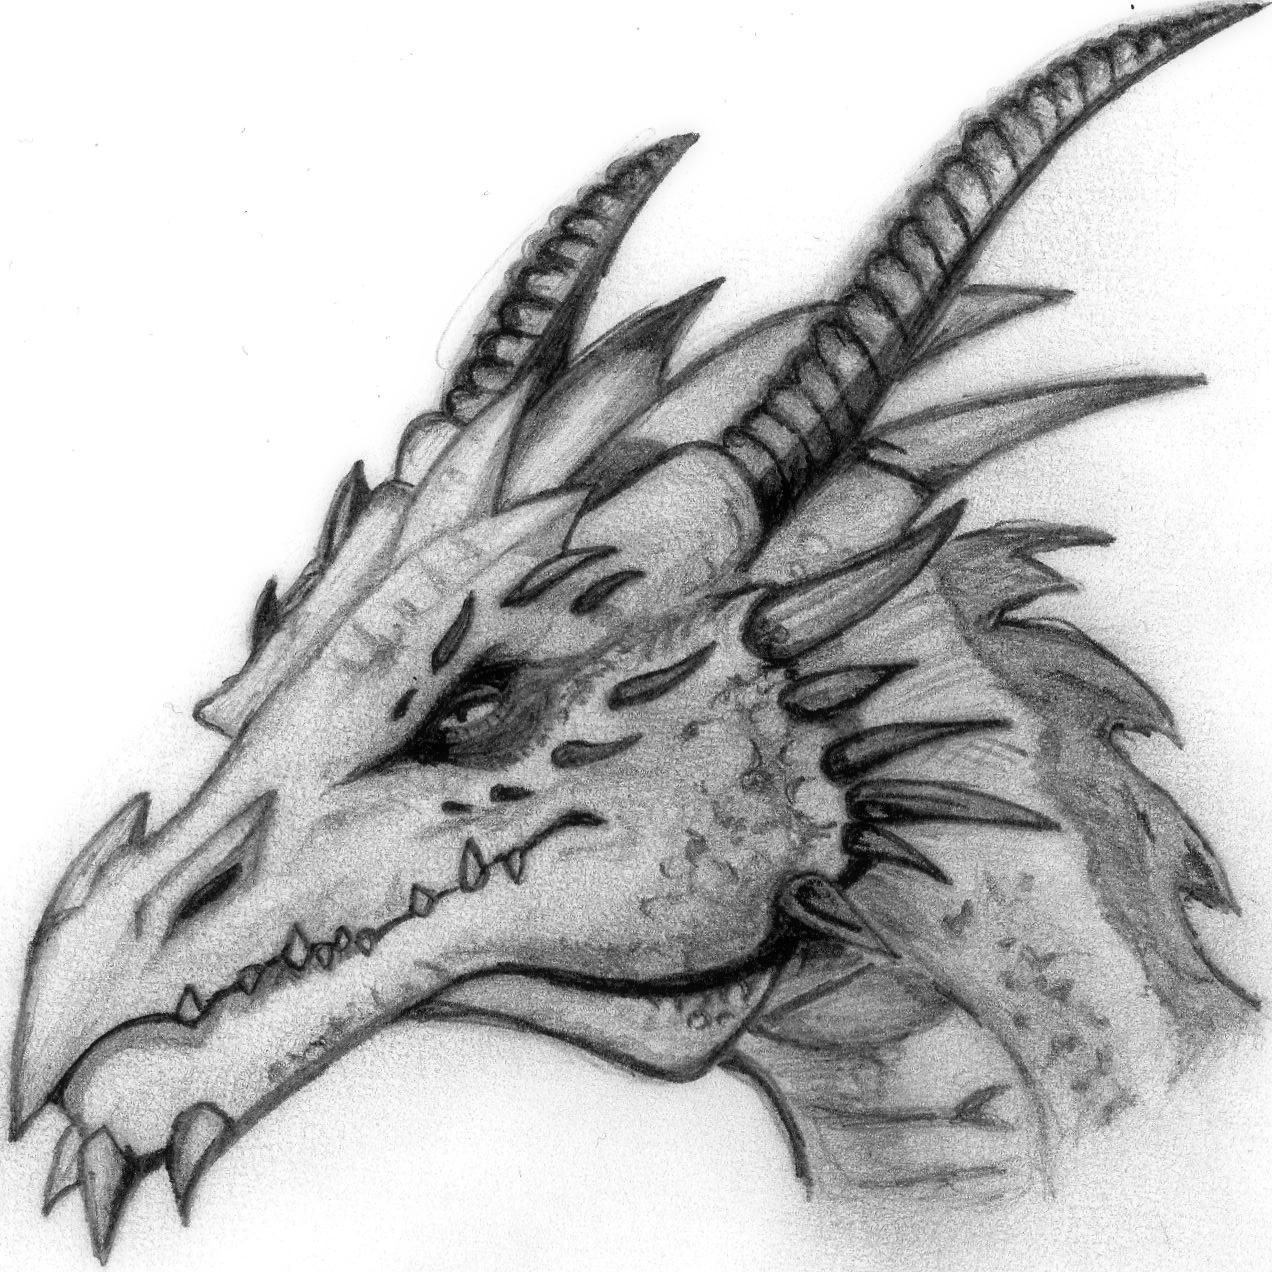 Dragon head by deathlouis on DeviantArt